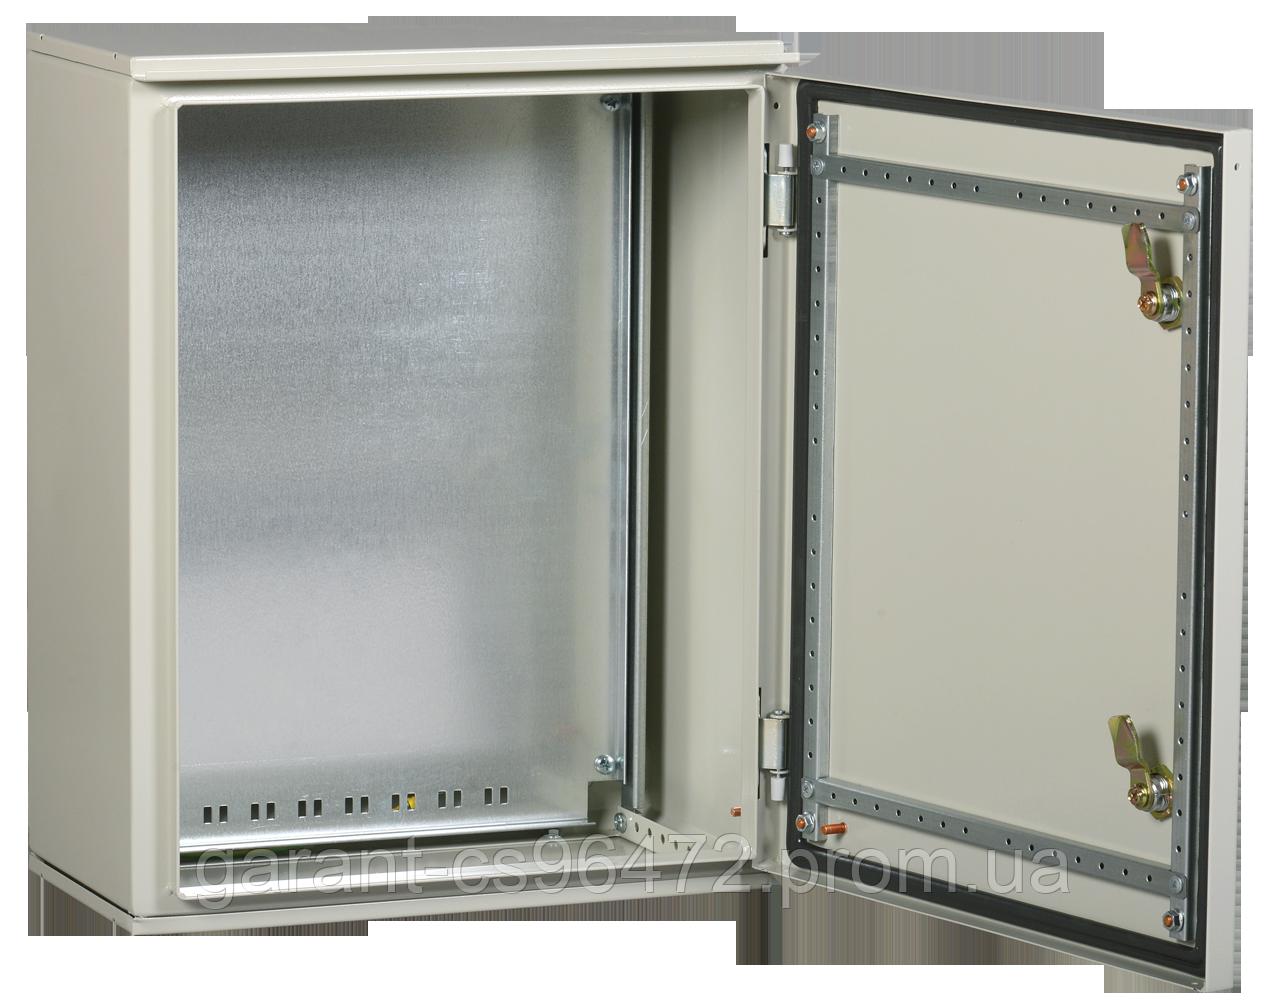 Корпус метал. ЩМП-2-0 У1 GARANT 500х400х220 IP65